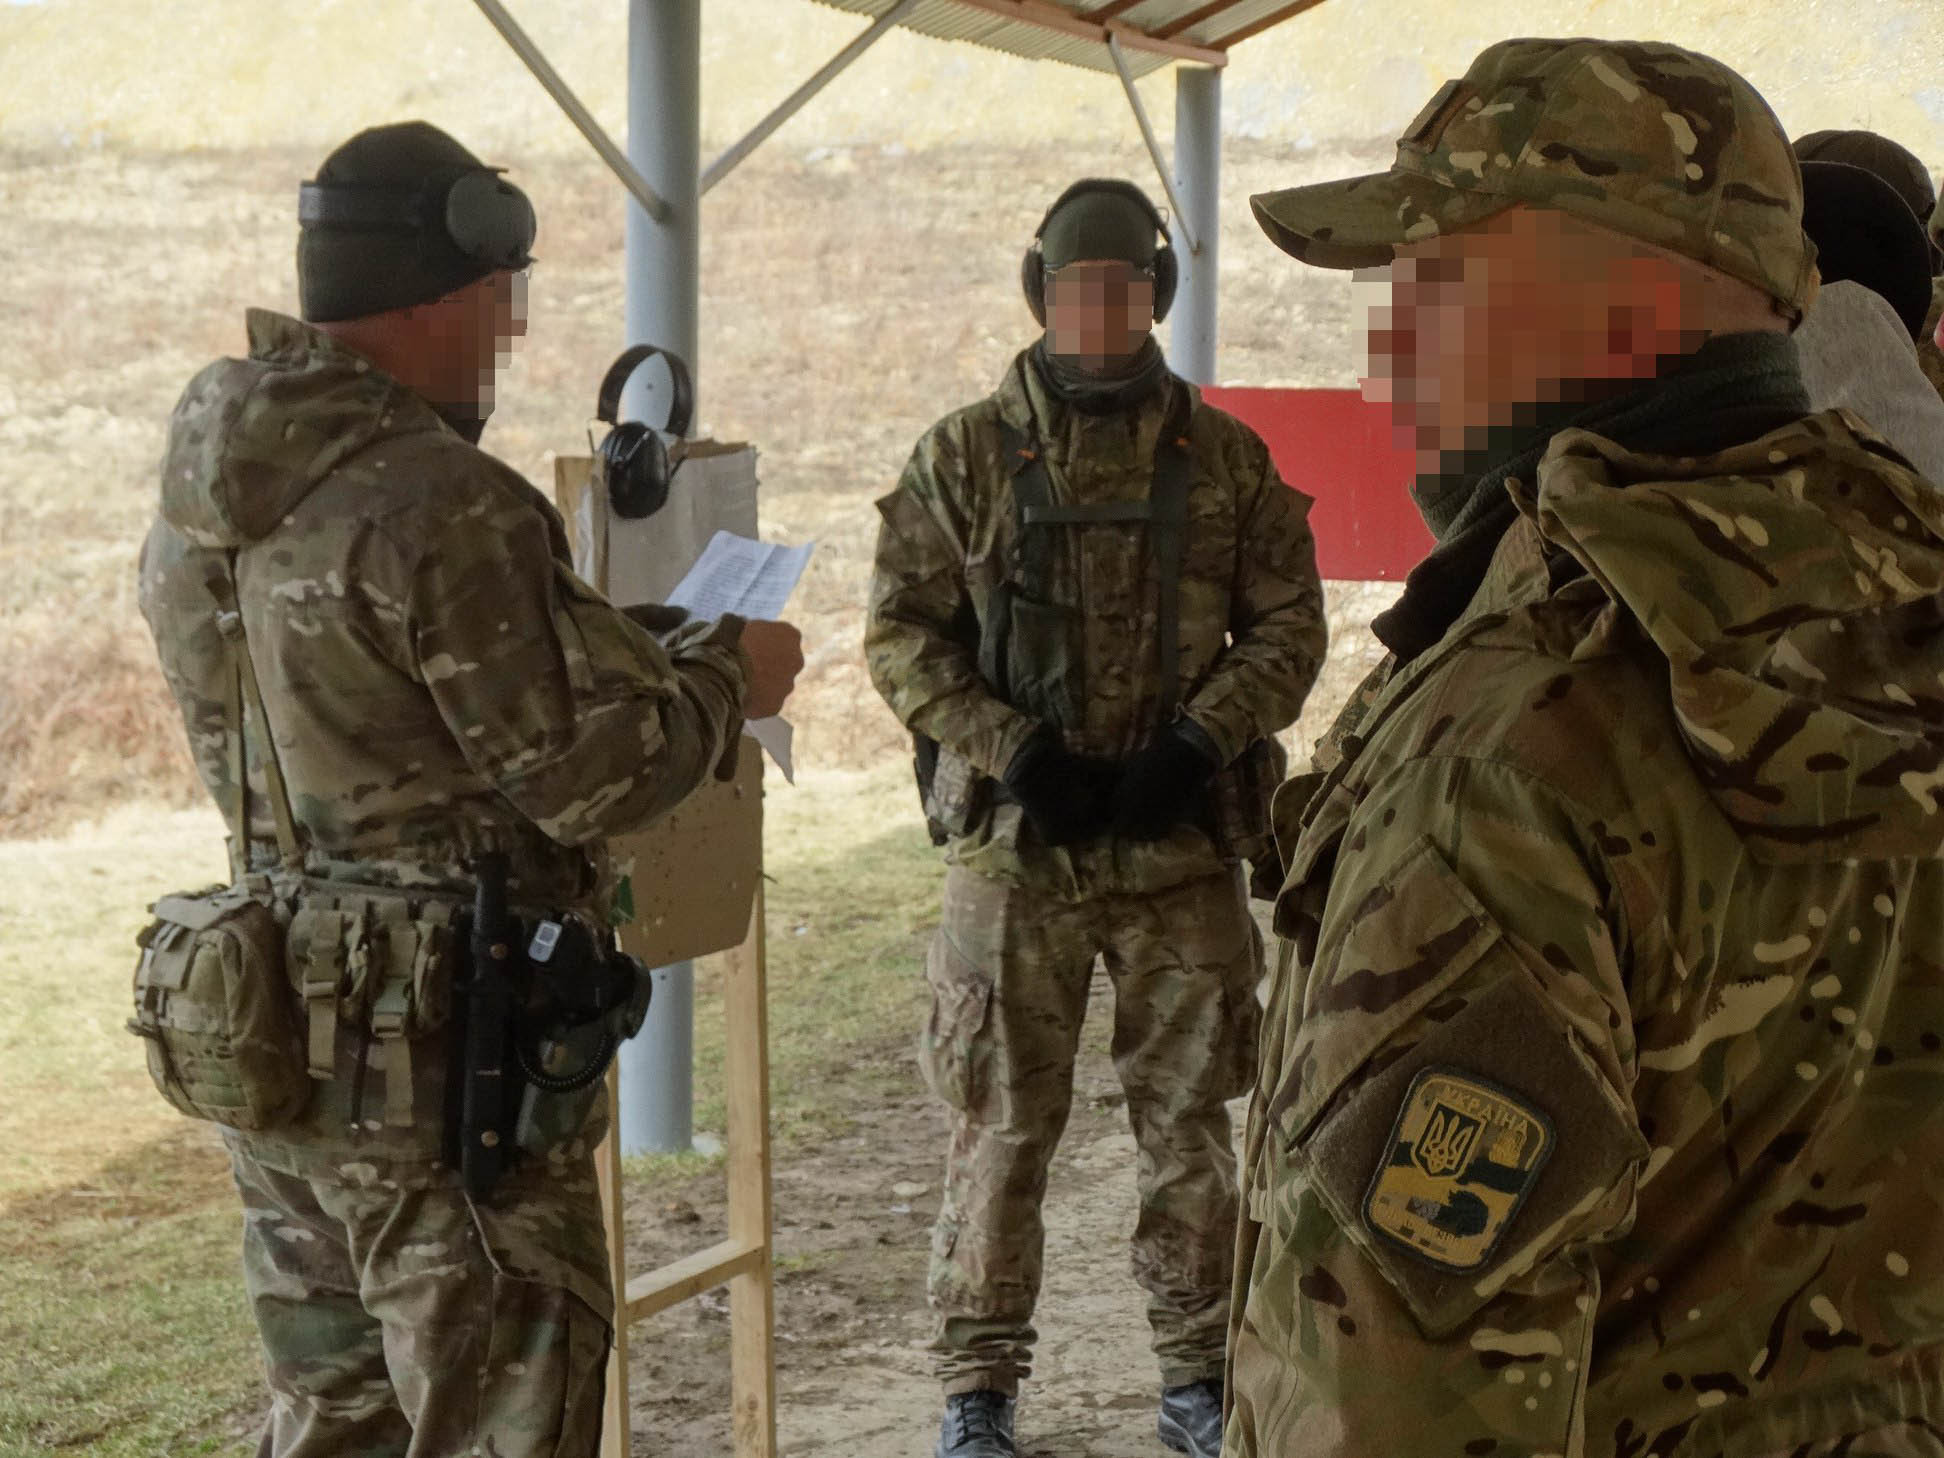 Бійці прикарпатської СБУ позмагалися у стрільбі  (фоторепортаж)